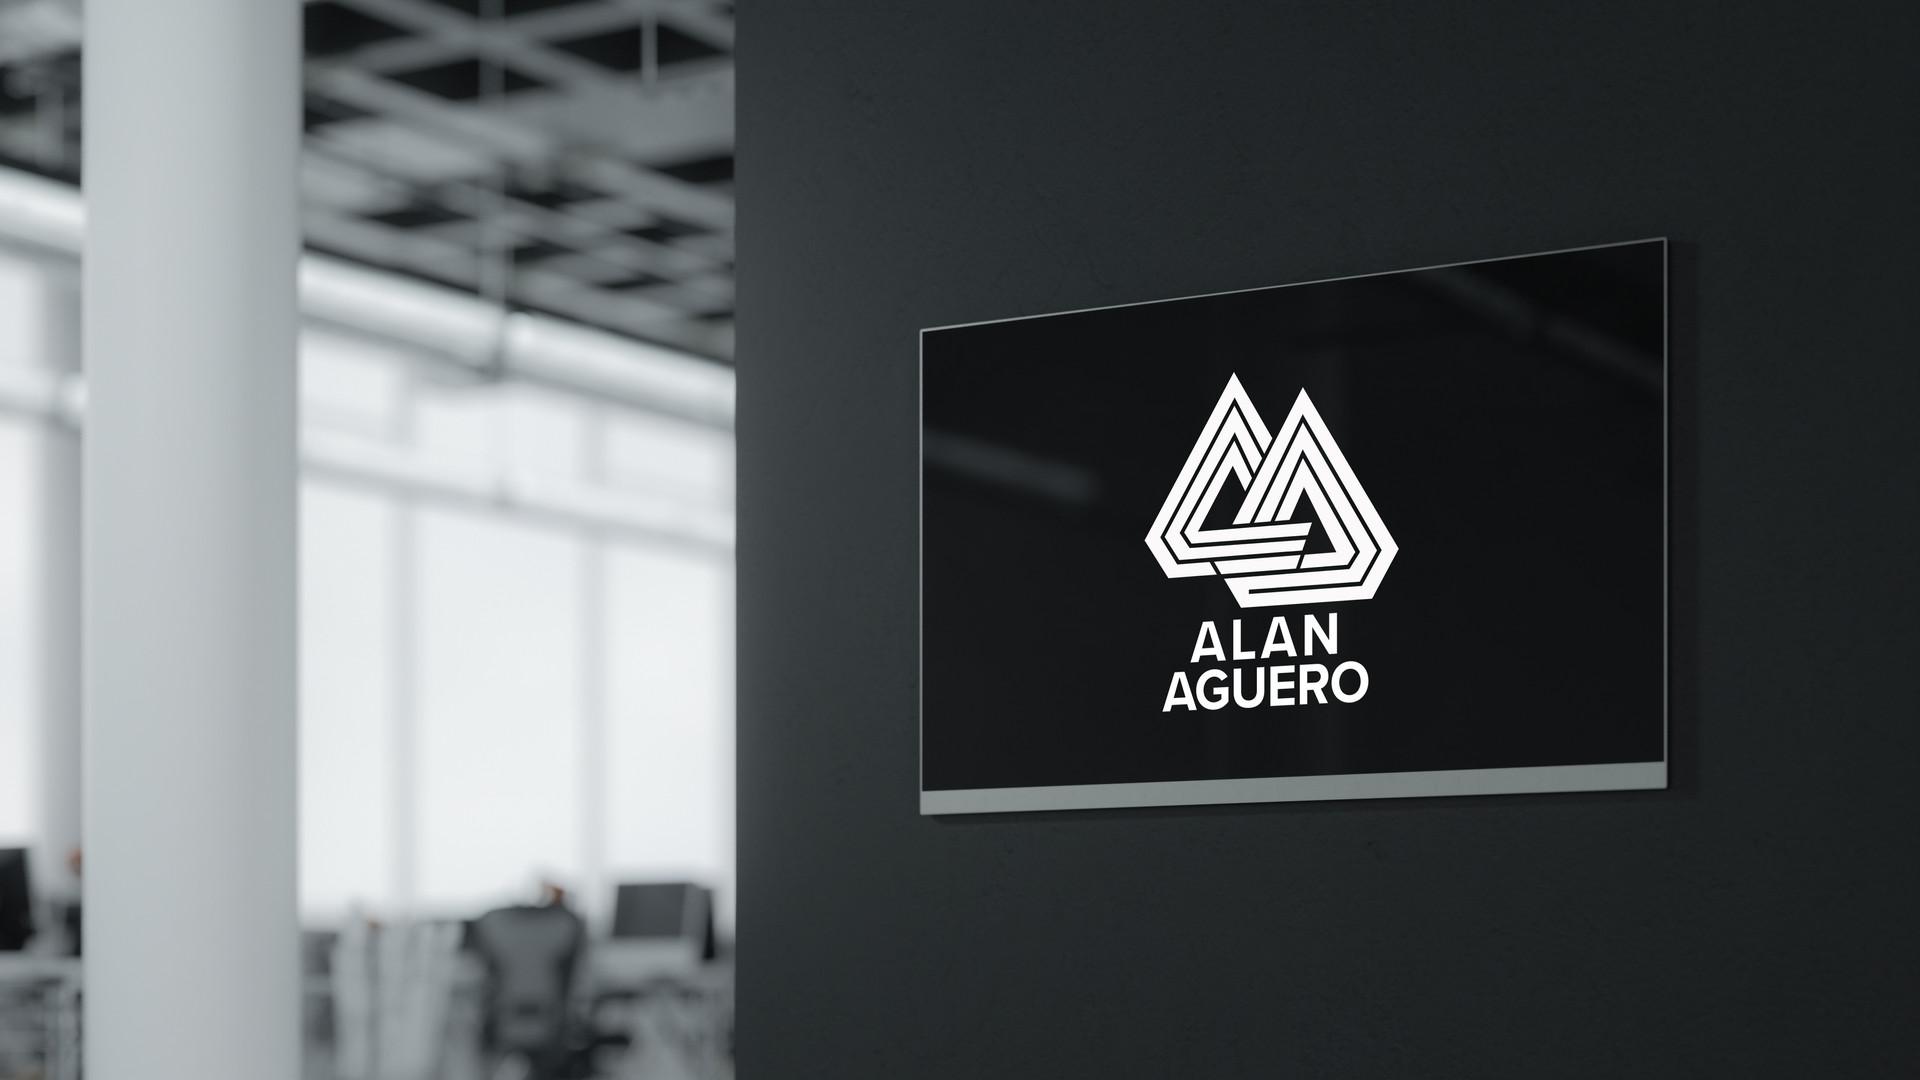 AlanAguero.jpg